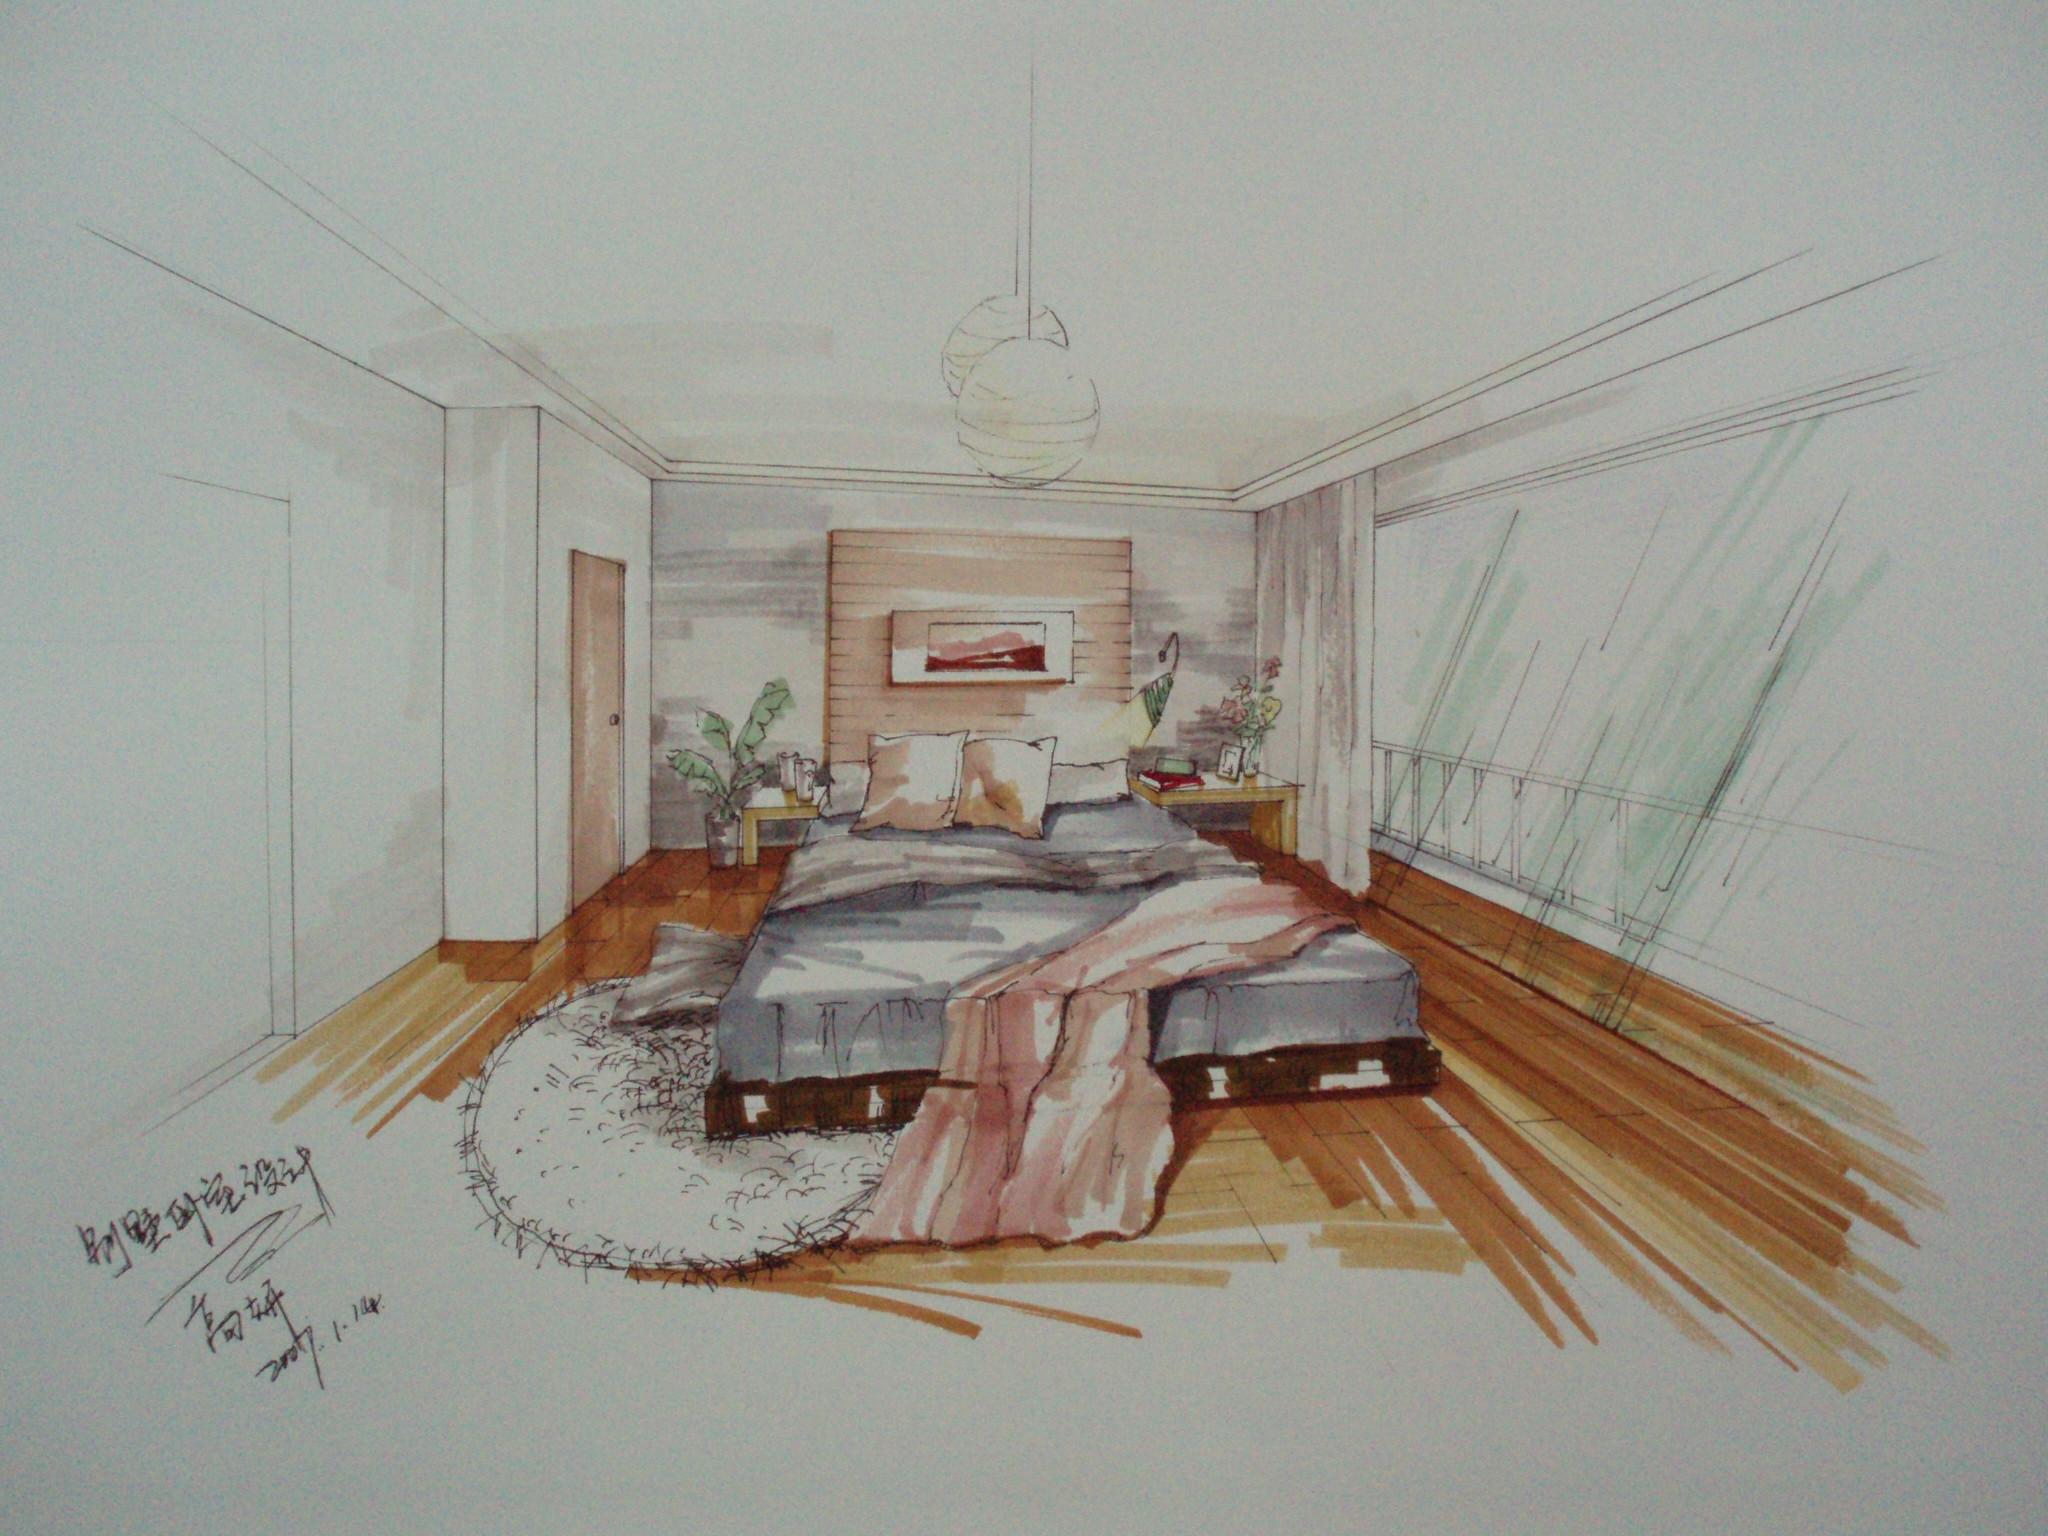 手绘卧室设计图 室内手绘卧室立面图 室内卧室手绘平面图 儿童卧室